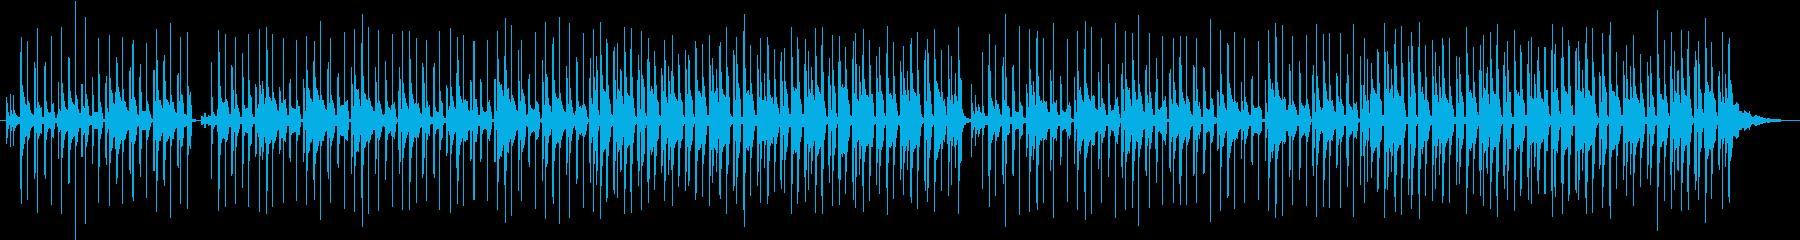 ボサノヴァ風のゆったりとした音楽ですの再生済みの波形